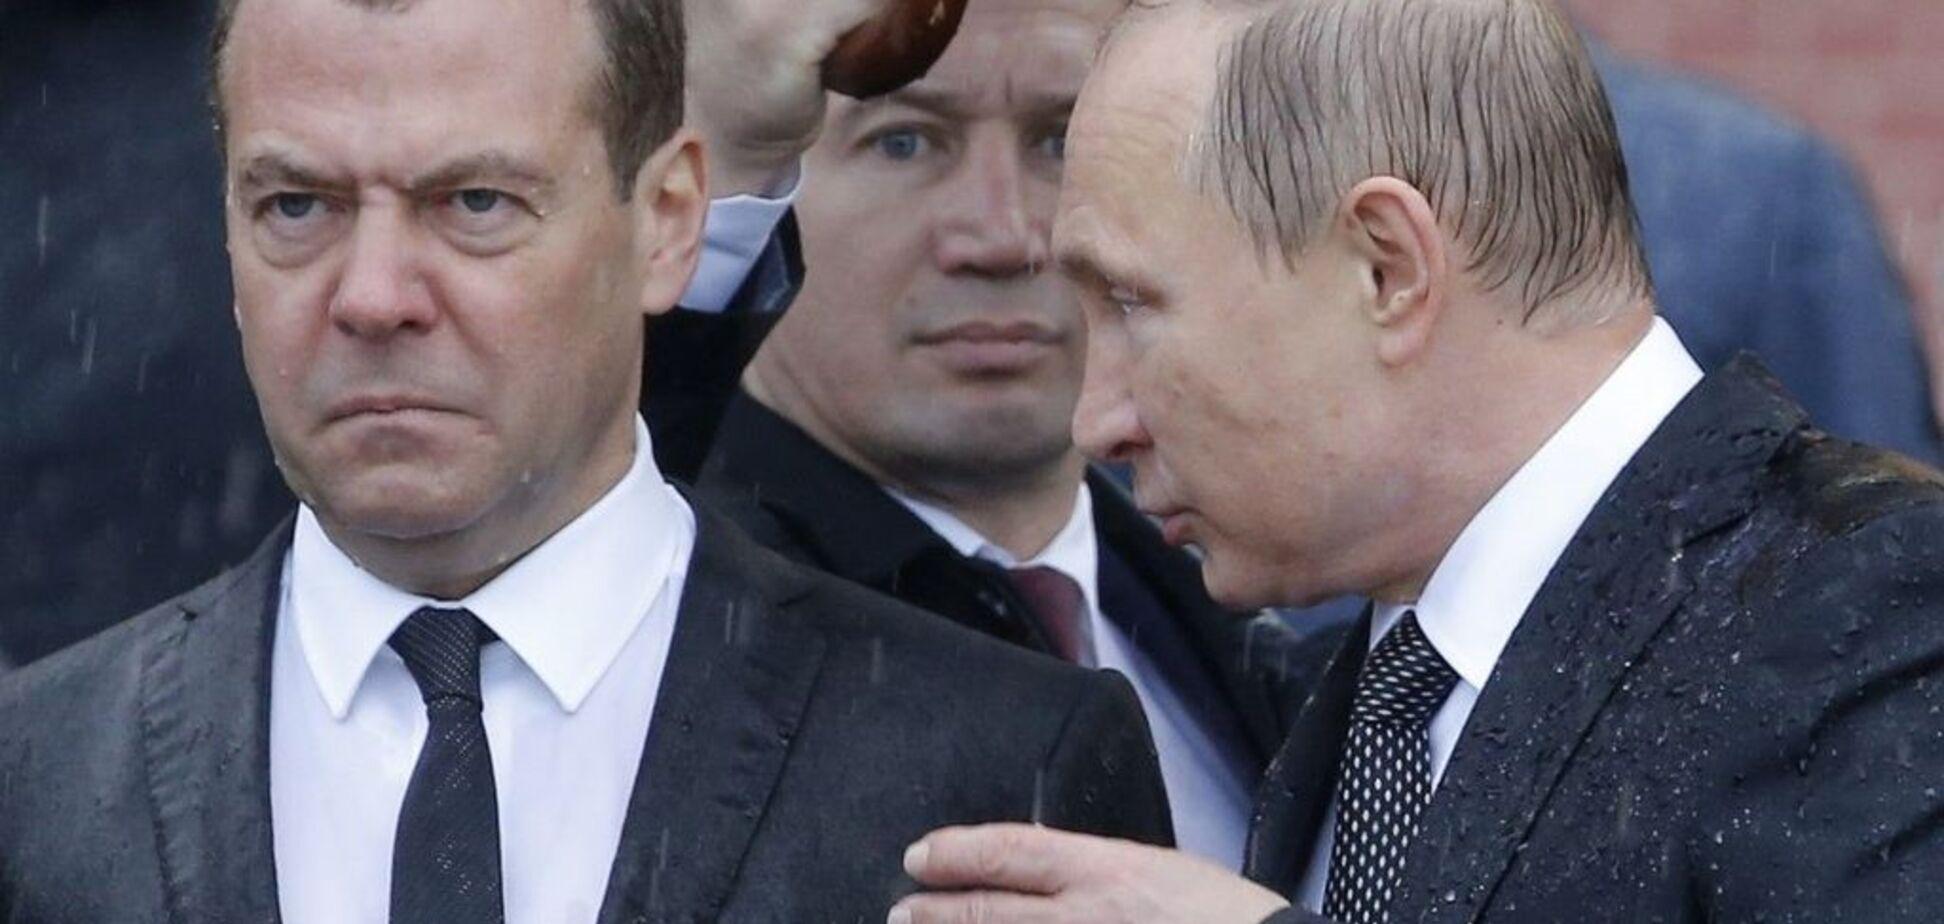 ''Дима, ты дурак?'' Новые санкции Путина высмеяли в ироничном рассказе